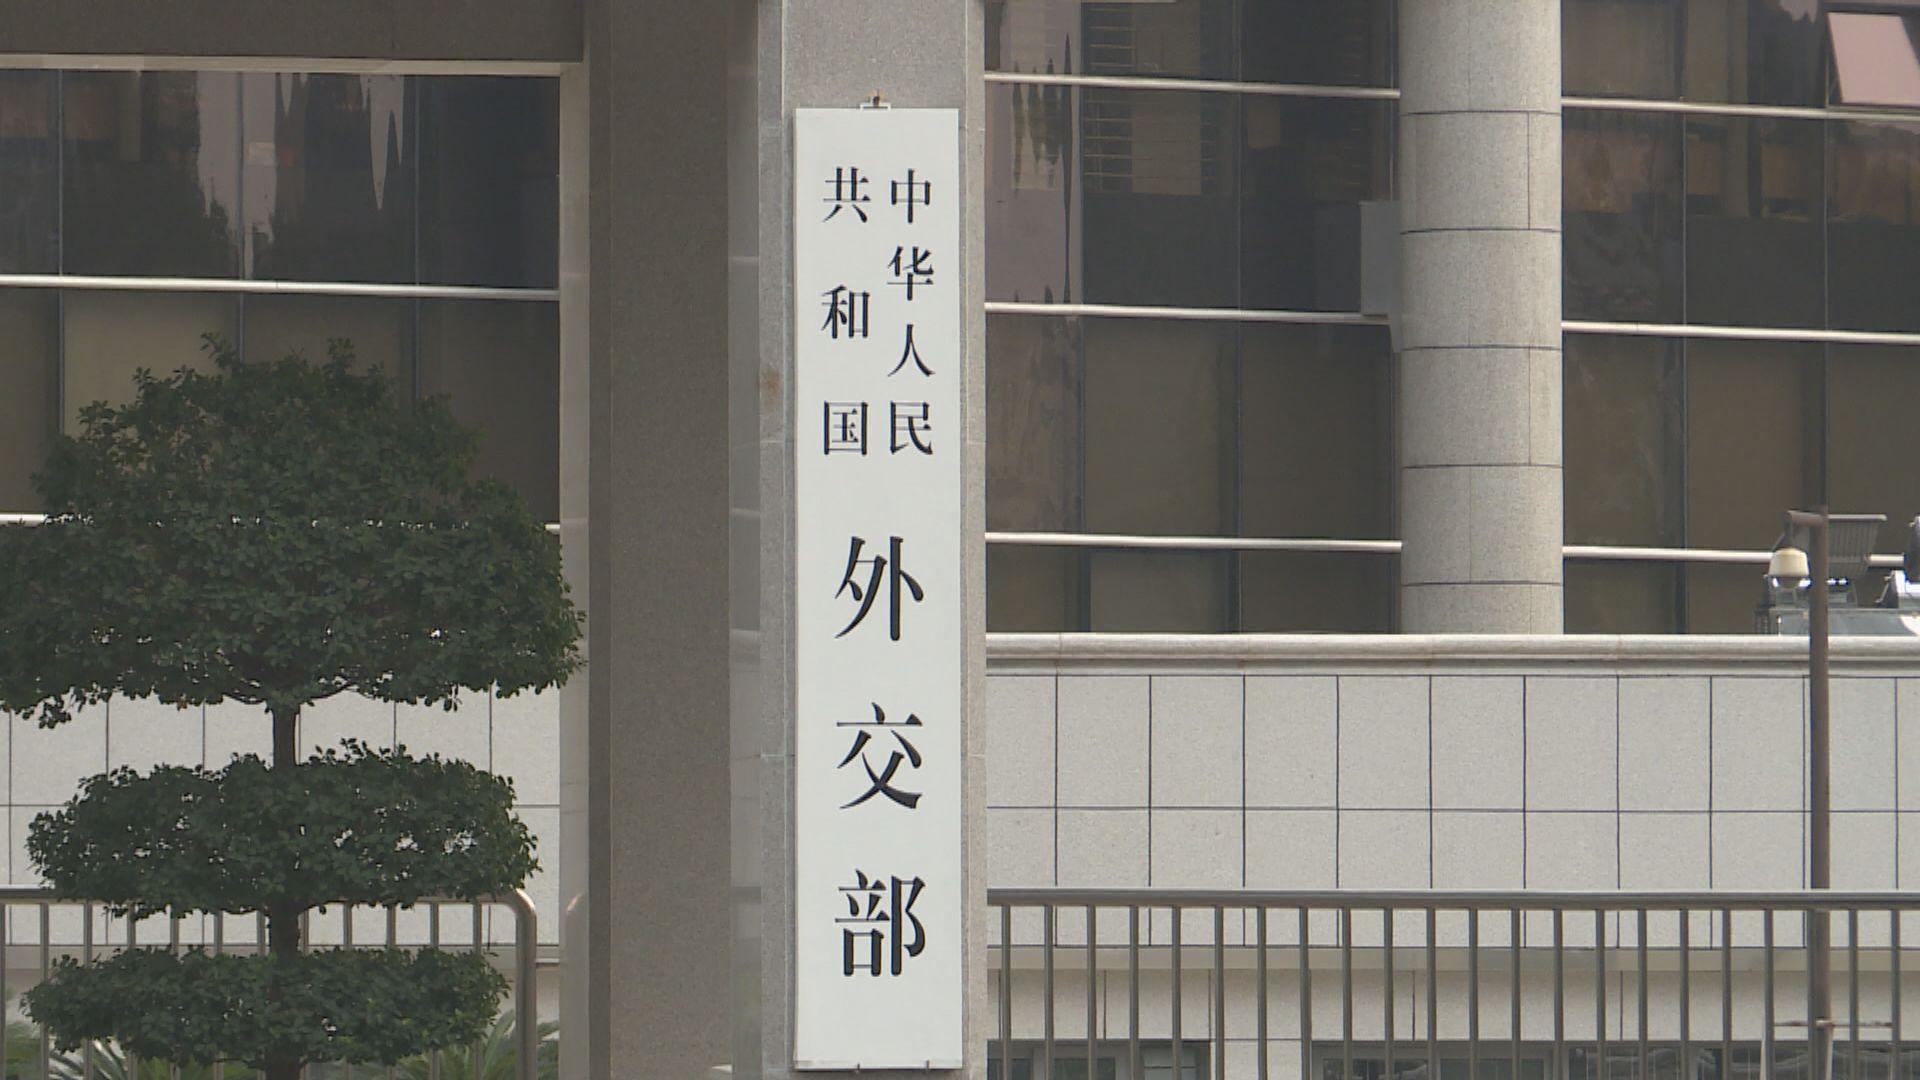 中國外交部促美方集中應對疫情 勿推卸責任